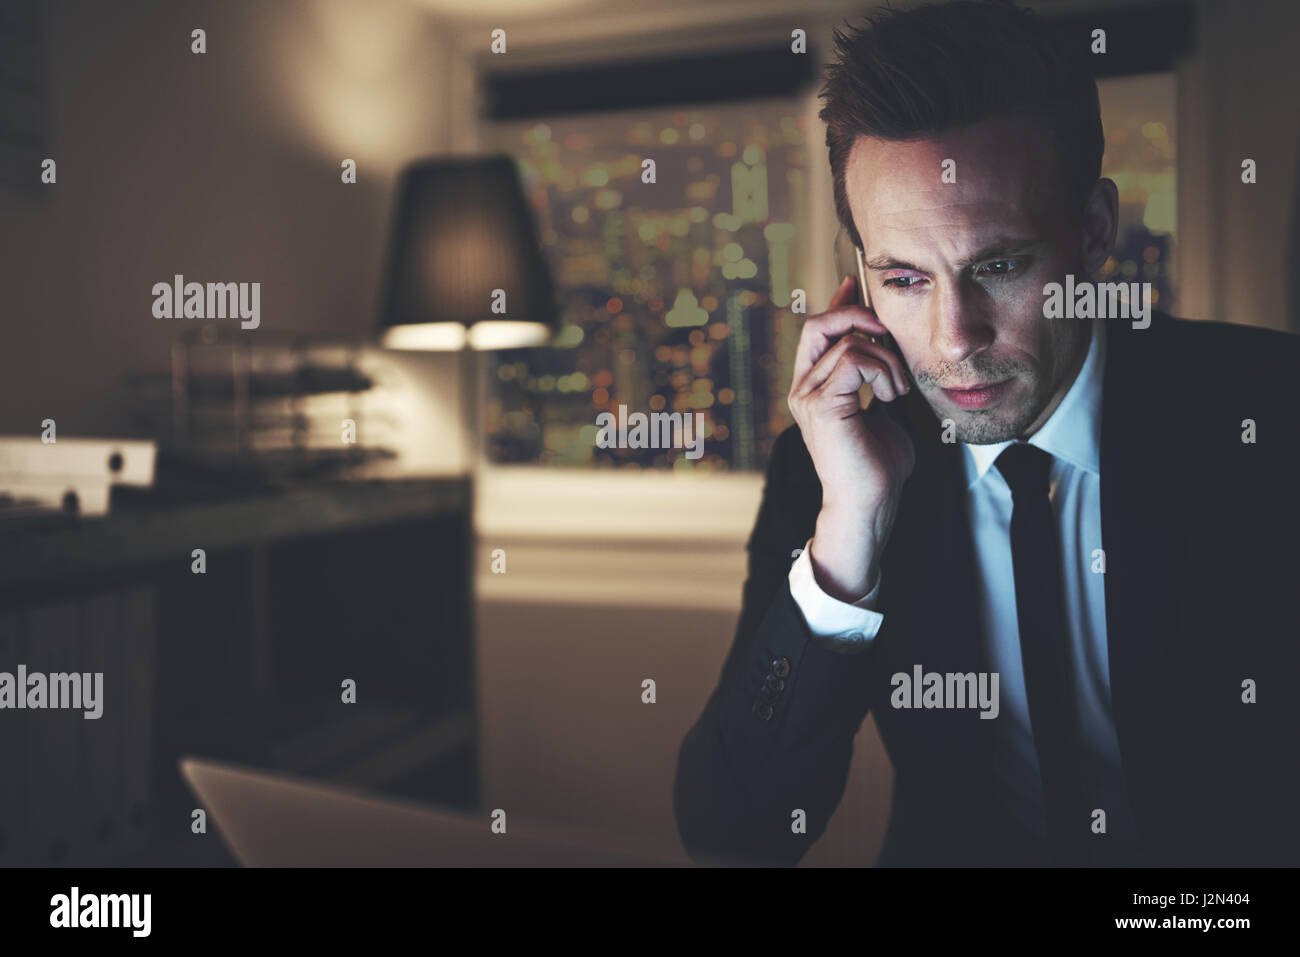 El contador trabajando tarde hablando smartphone mientras surf su portátil. Imagen De Stock